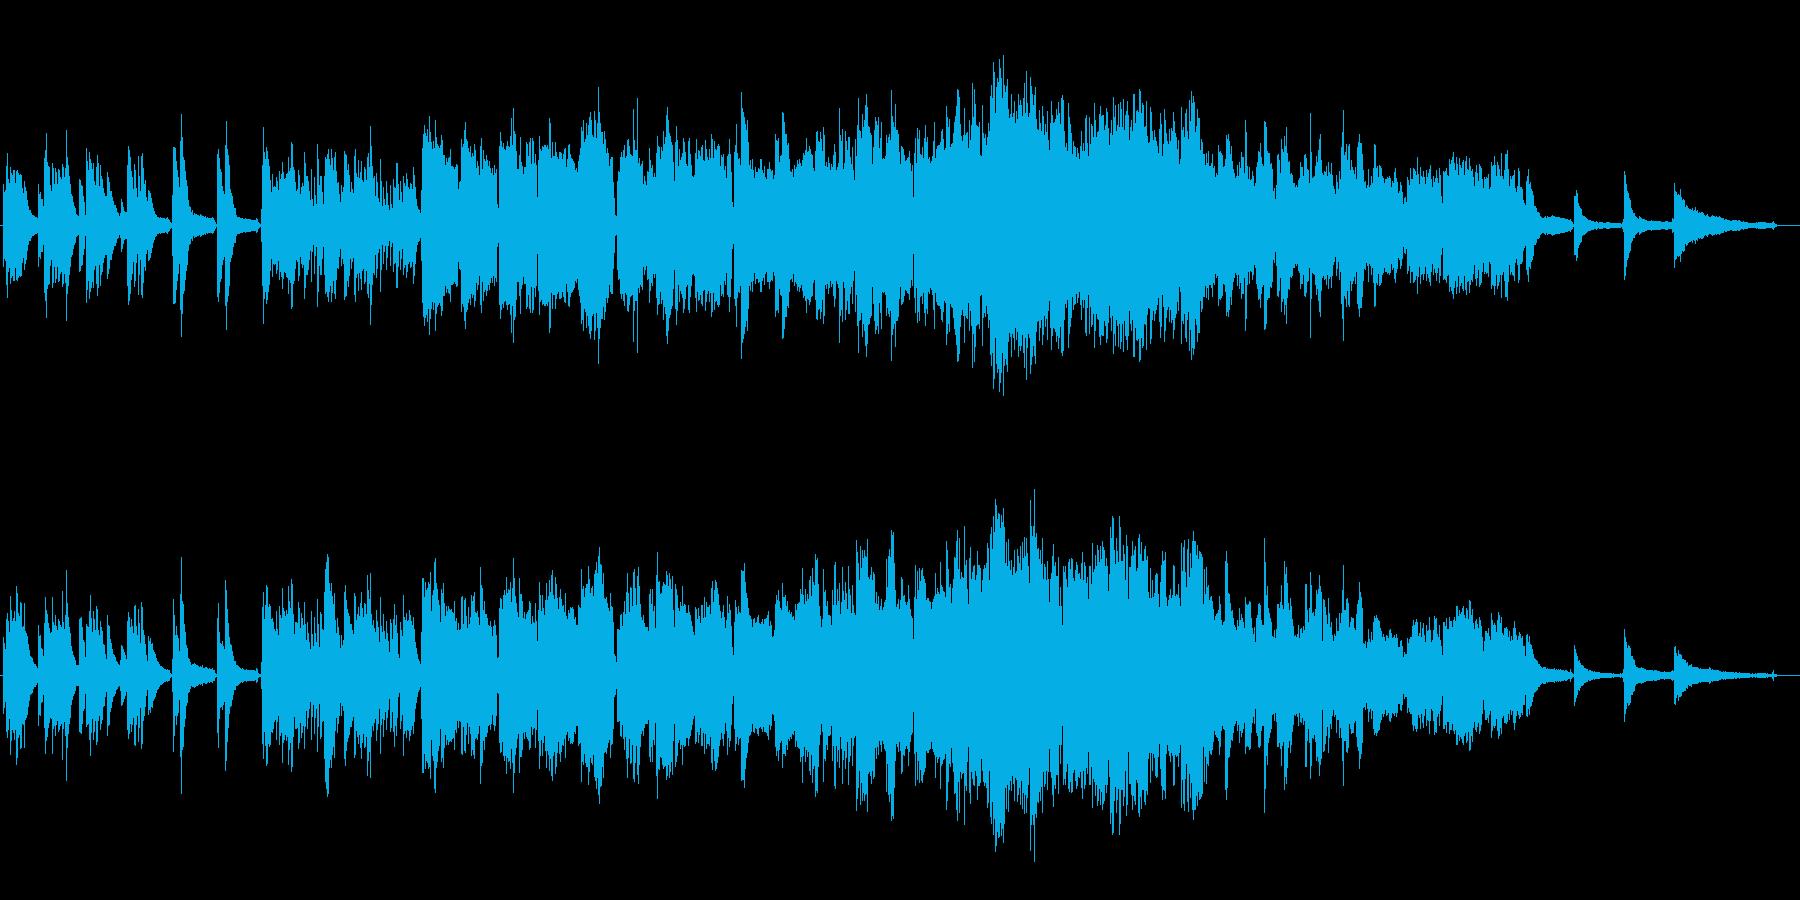 記憶をイメージした柔らかな歌声のBGMの再生済みの波形